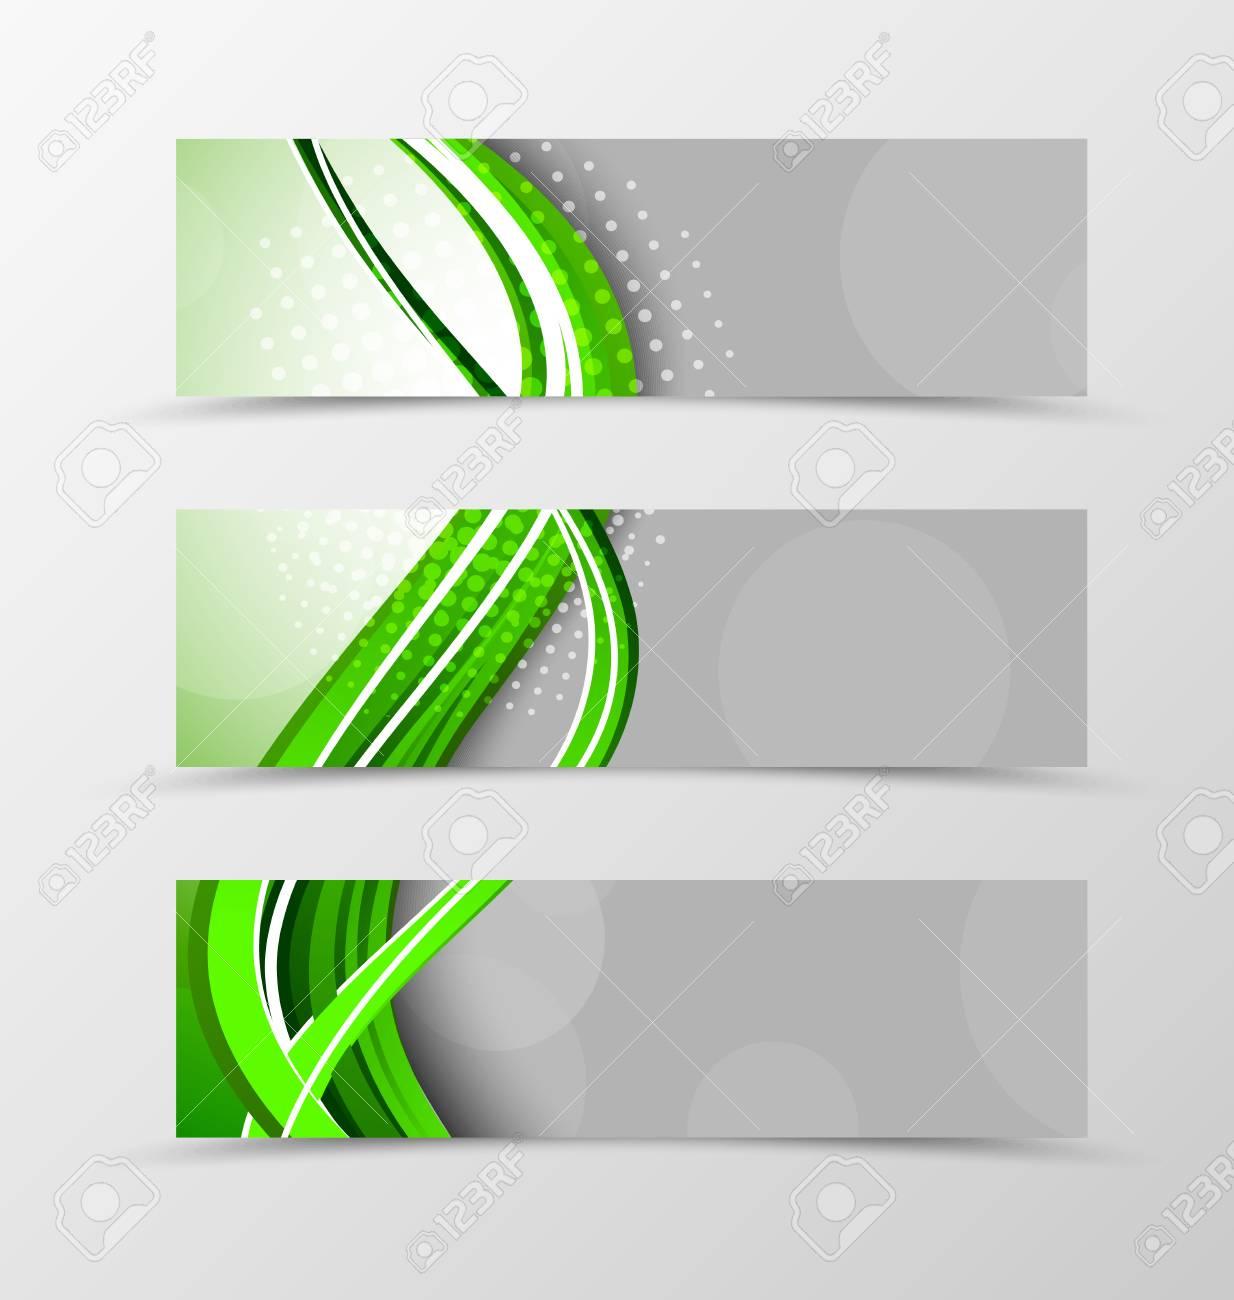 Conjunto De Diseño De Onda De Banner De Cabecera Con Líneas Verdes Y ...